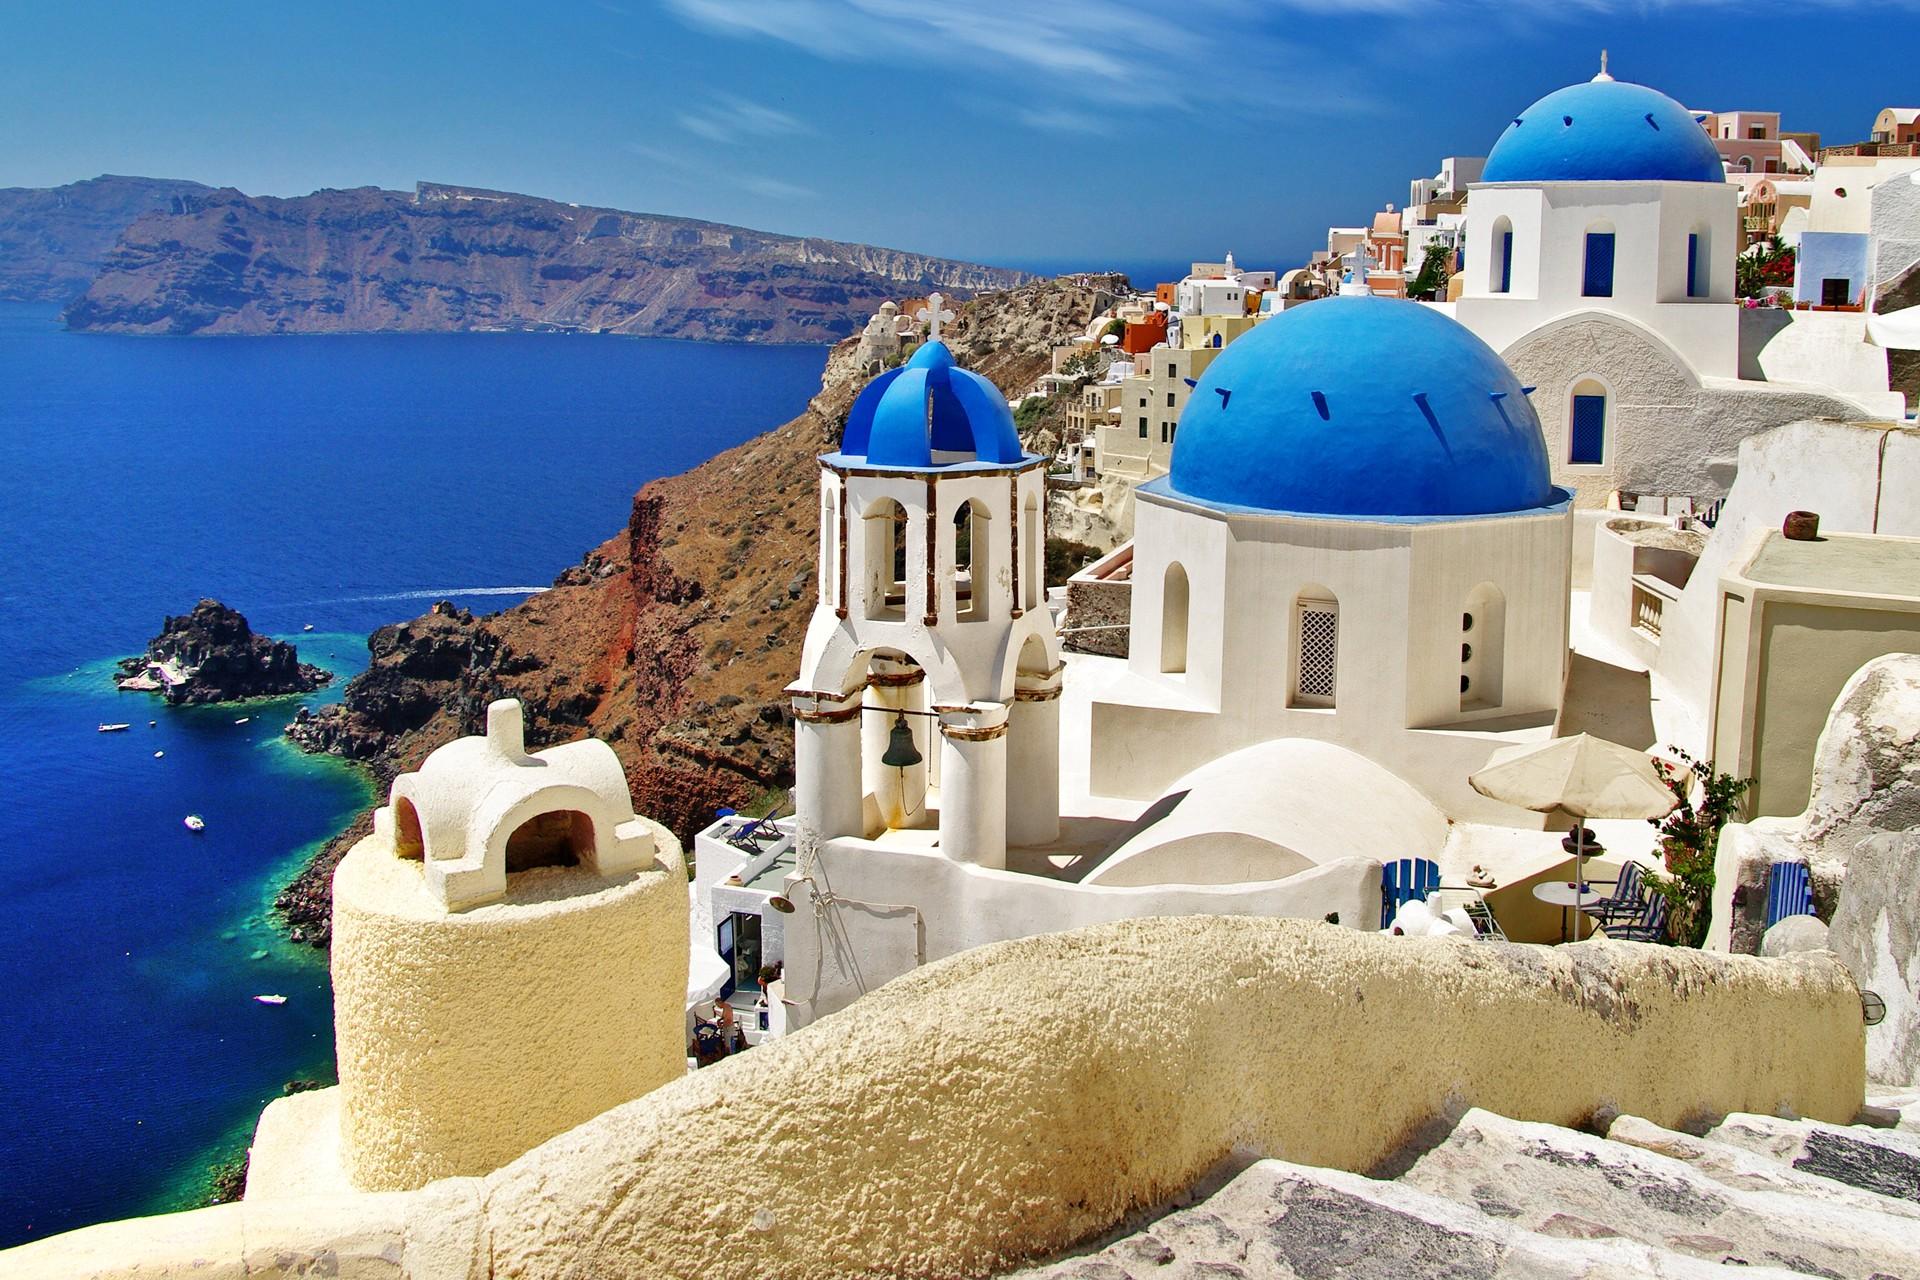 vakantie griekenland reisadvies